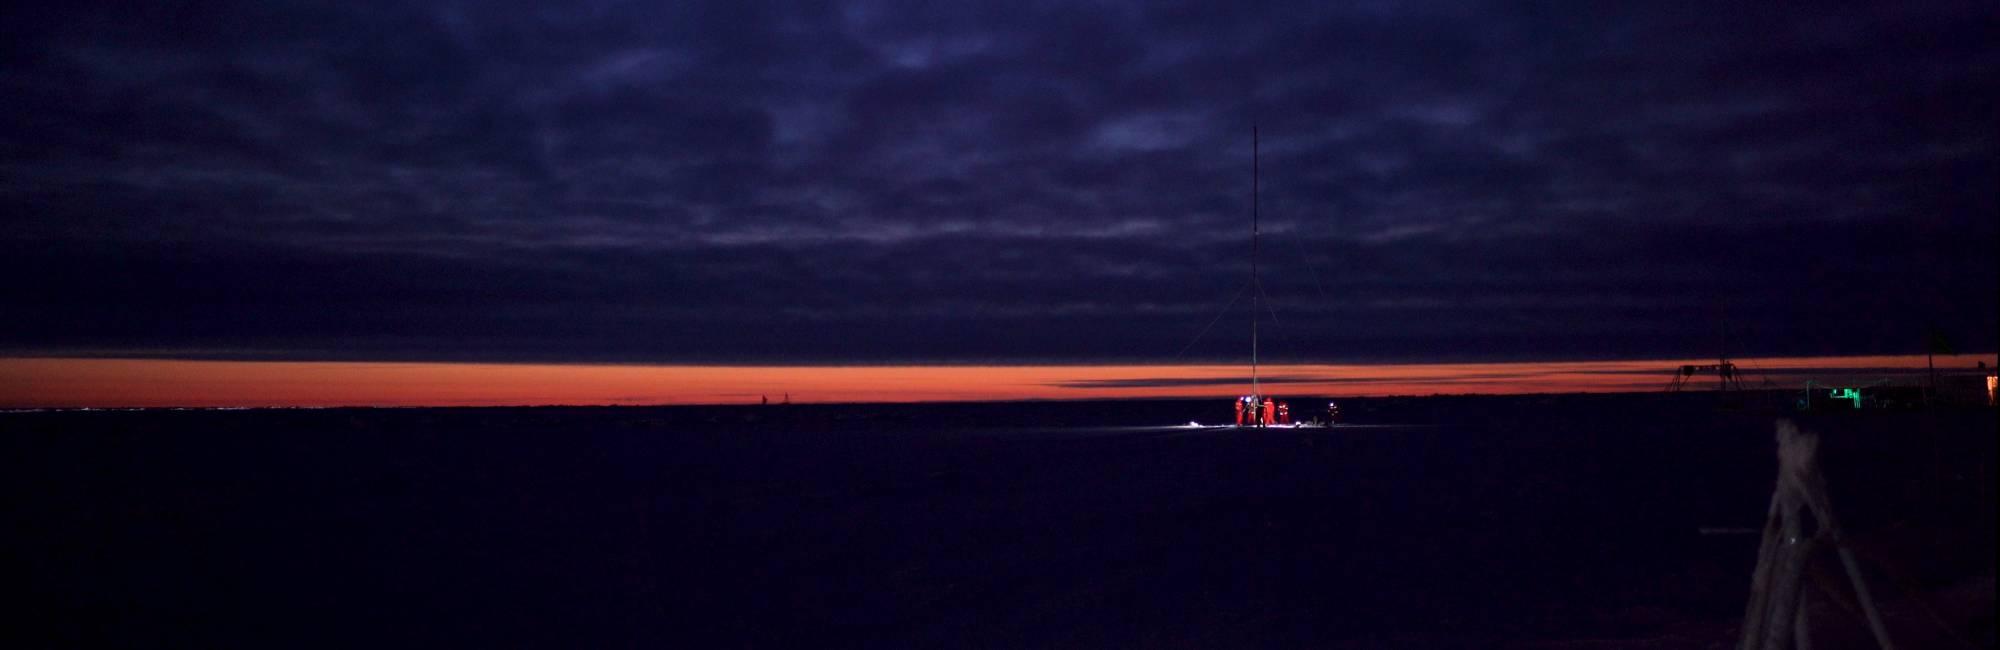 forboding purple sky over dark ice